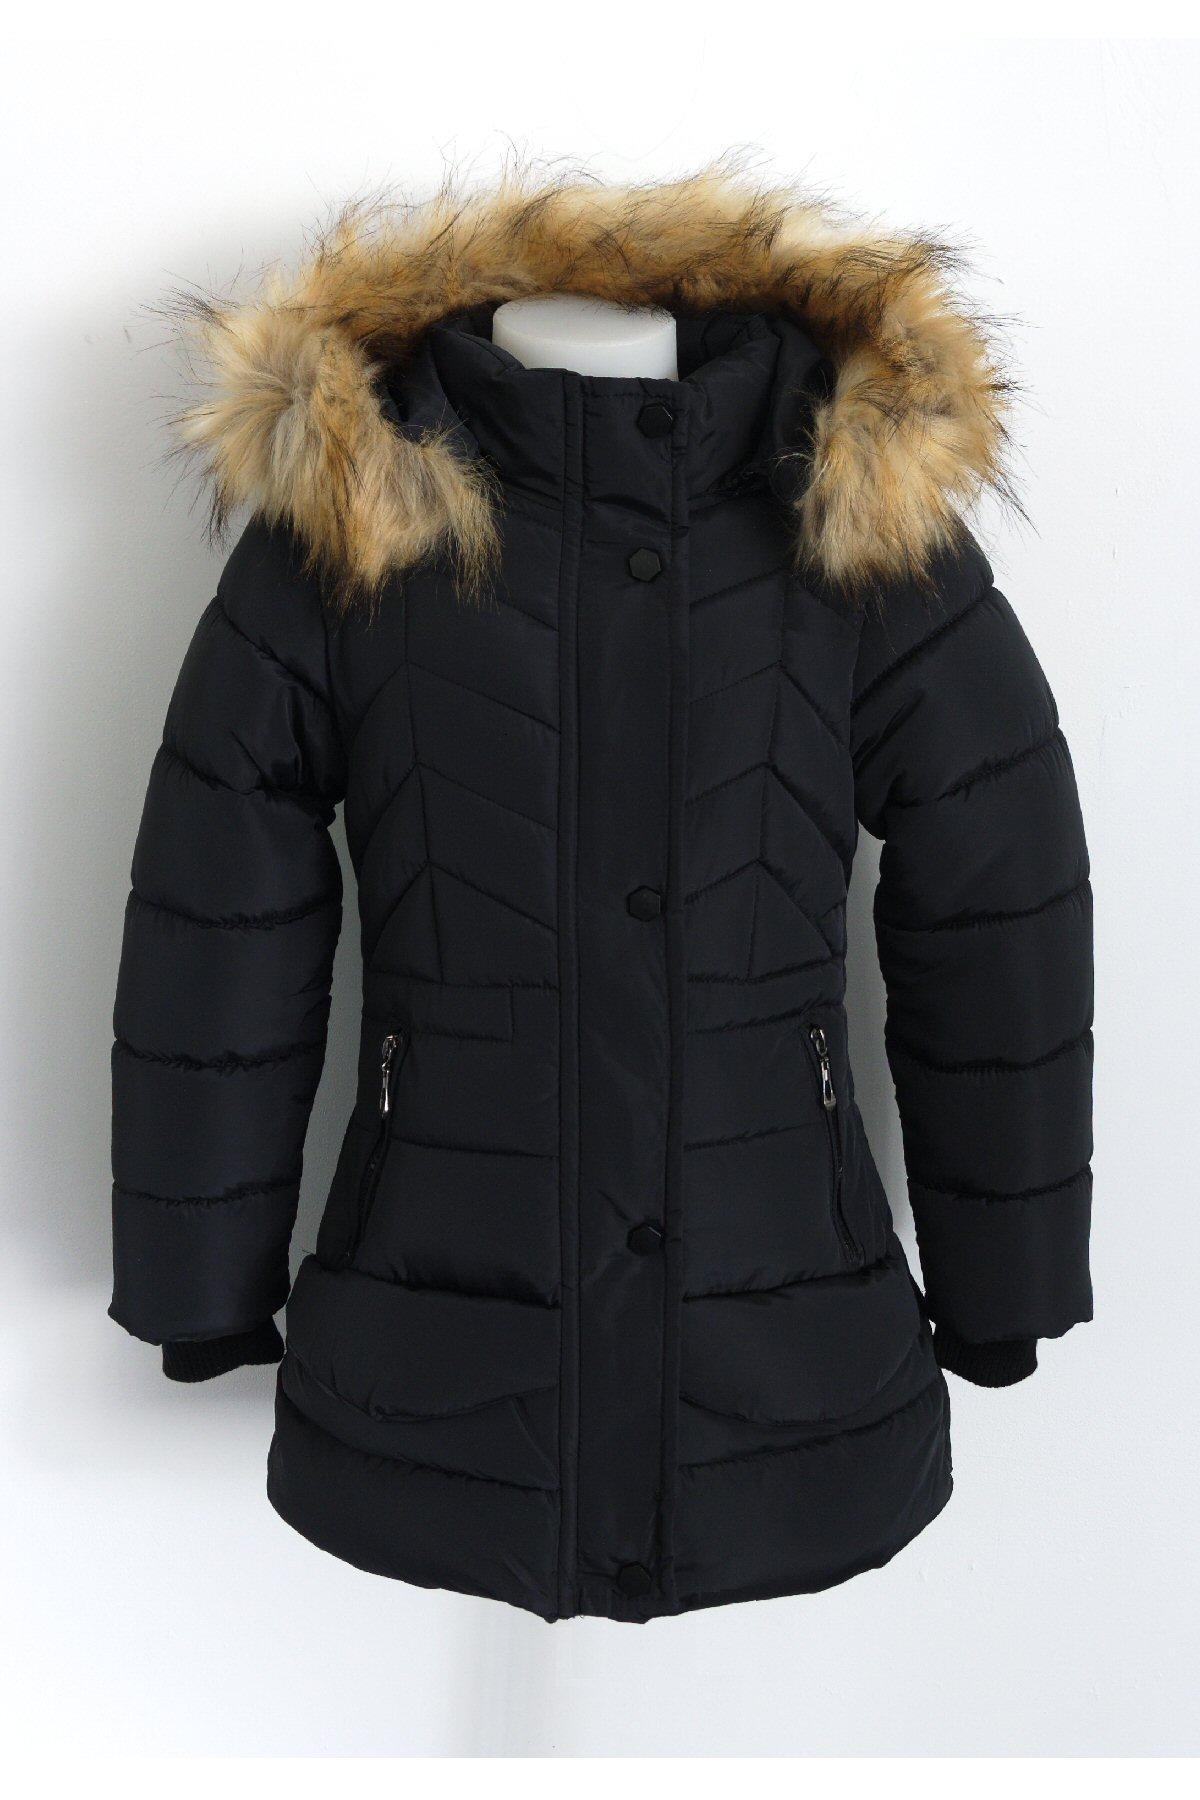 Vêtements extérieurs Enfant Noir KAYENNE A-8 #c eFashion Paris